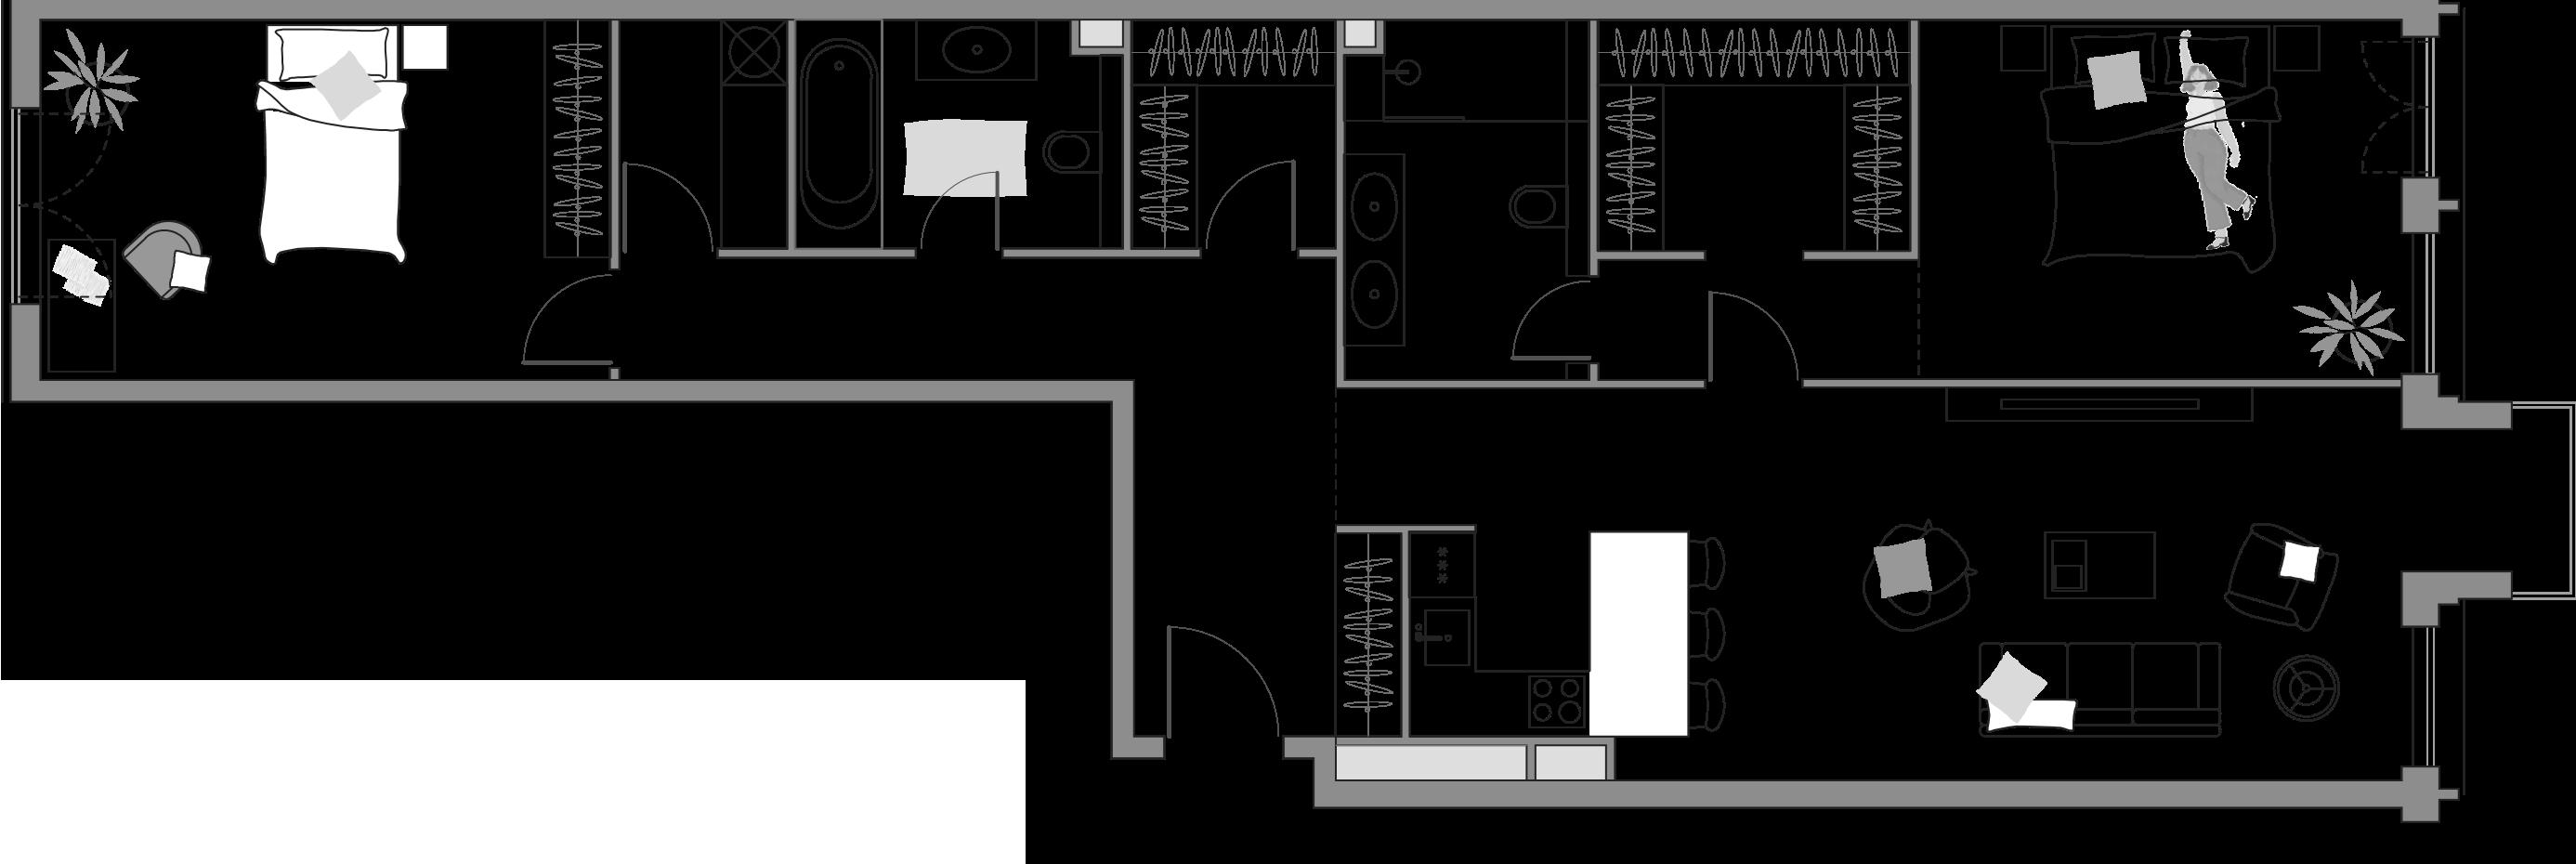 3-к.кв (евро), 110.26 м²